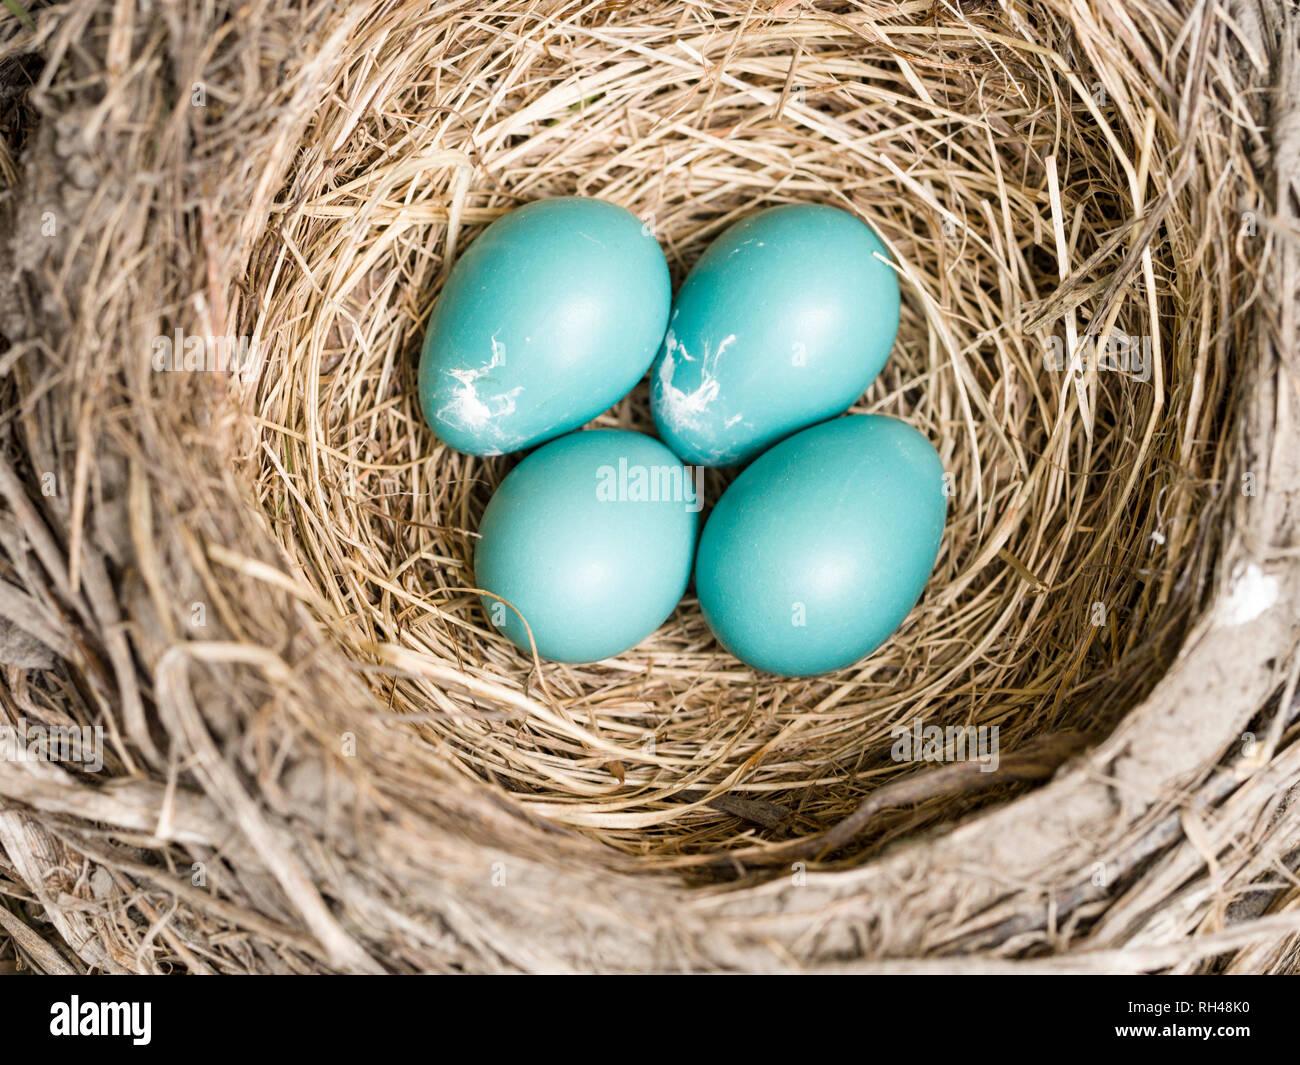 Robin's nido con quattro uova: Quattro blue American Robin le uova in un ben costruito il nido di erbe secche e rametti. Immagini Stock